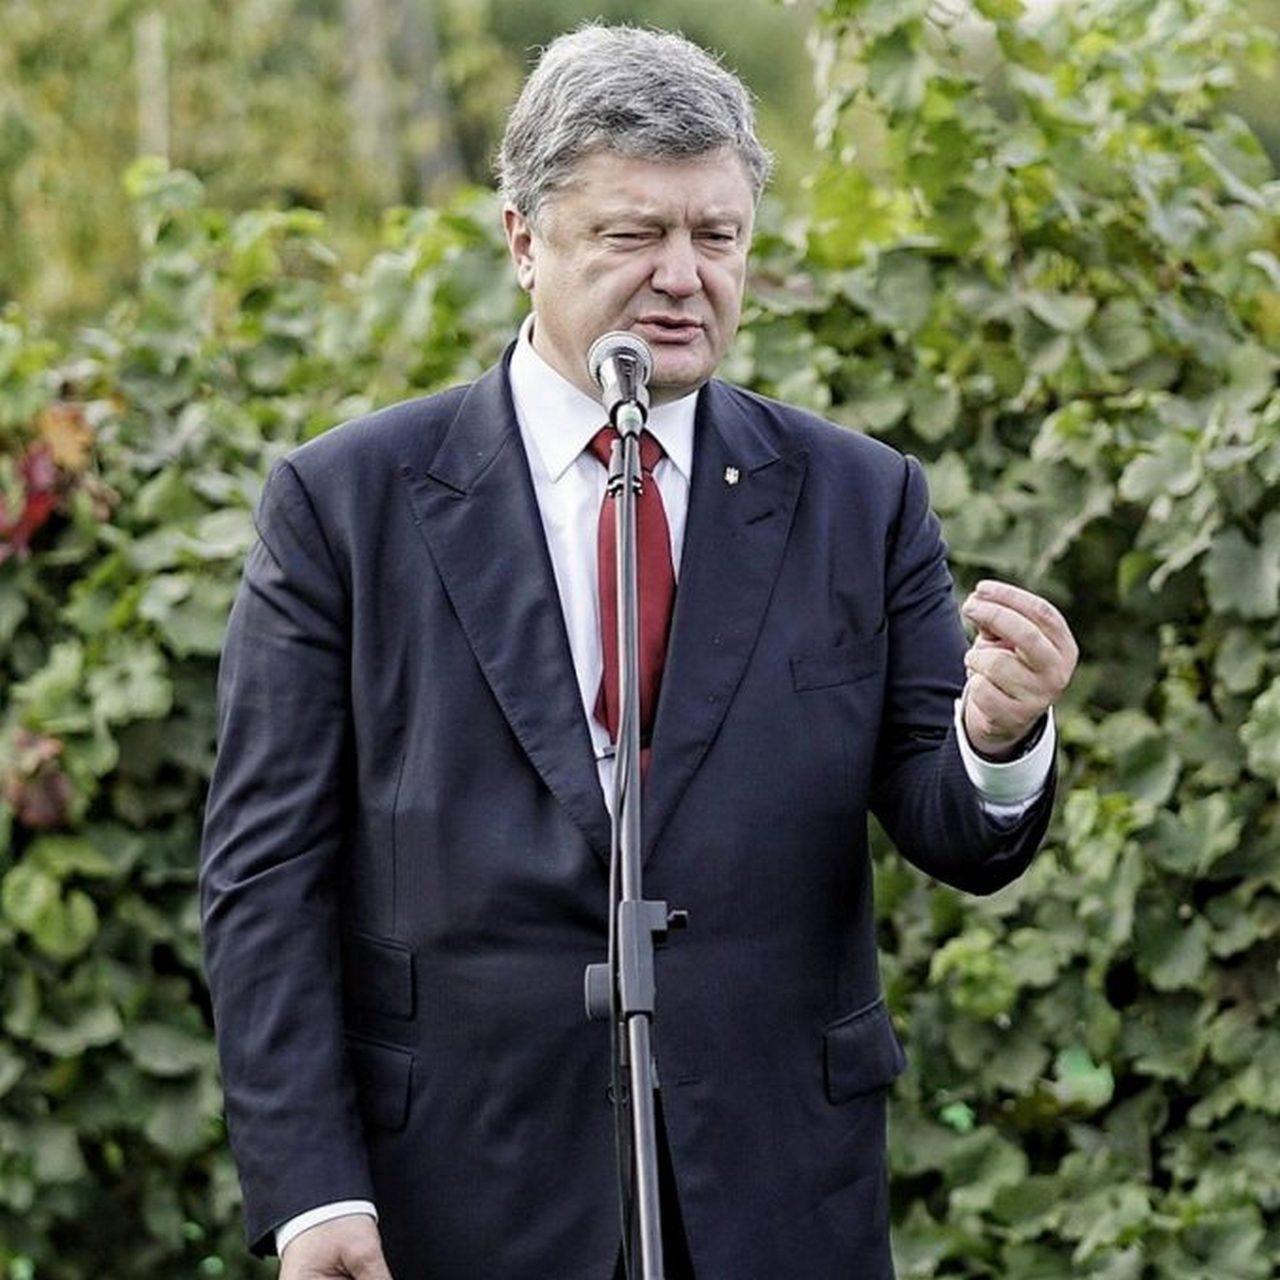 Порошенко, похоже, всё-таки «достал» Россию…